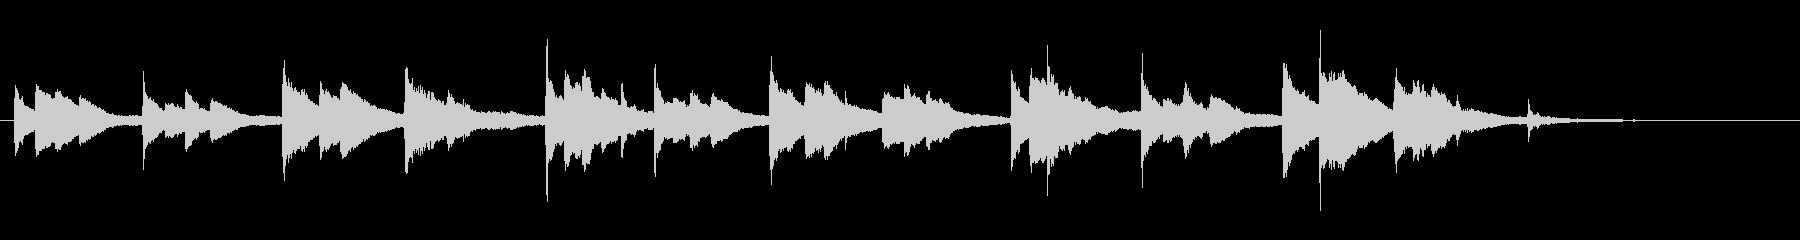 張りつめた気持ちを表すピアノ曲(長尺)の未再生の波形